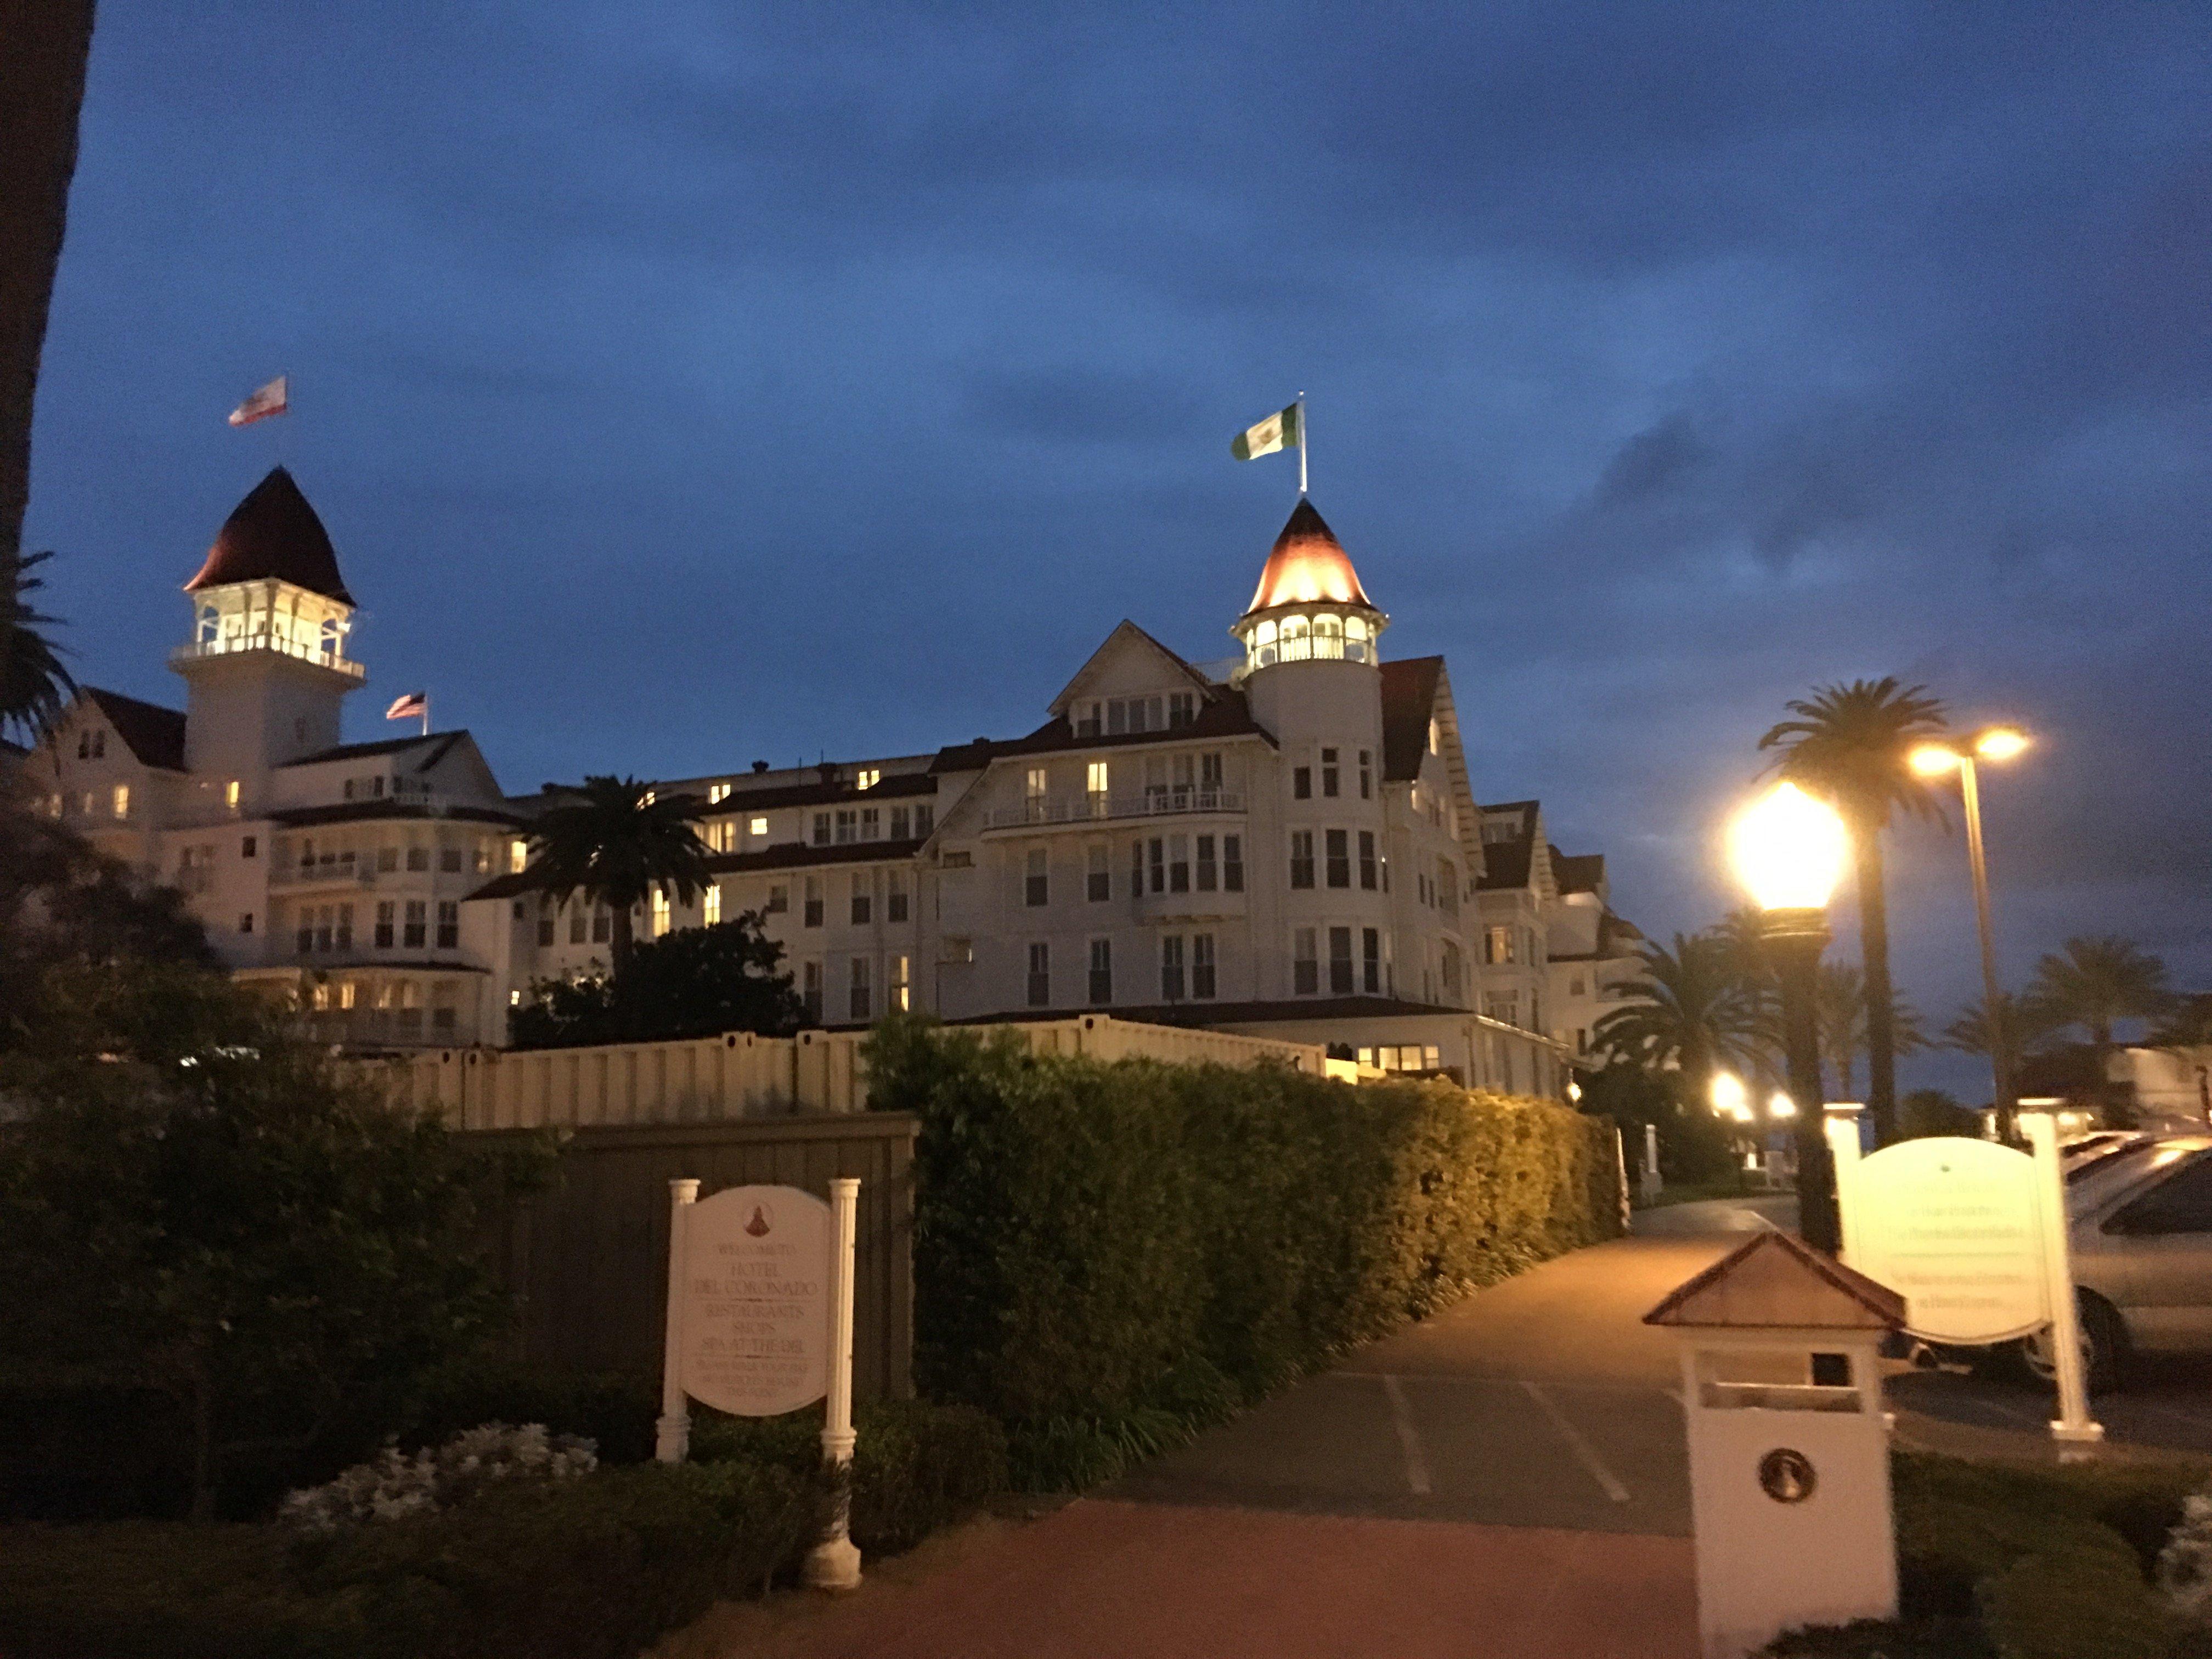 Hotel del Coronado, hotel del, coronado